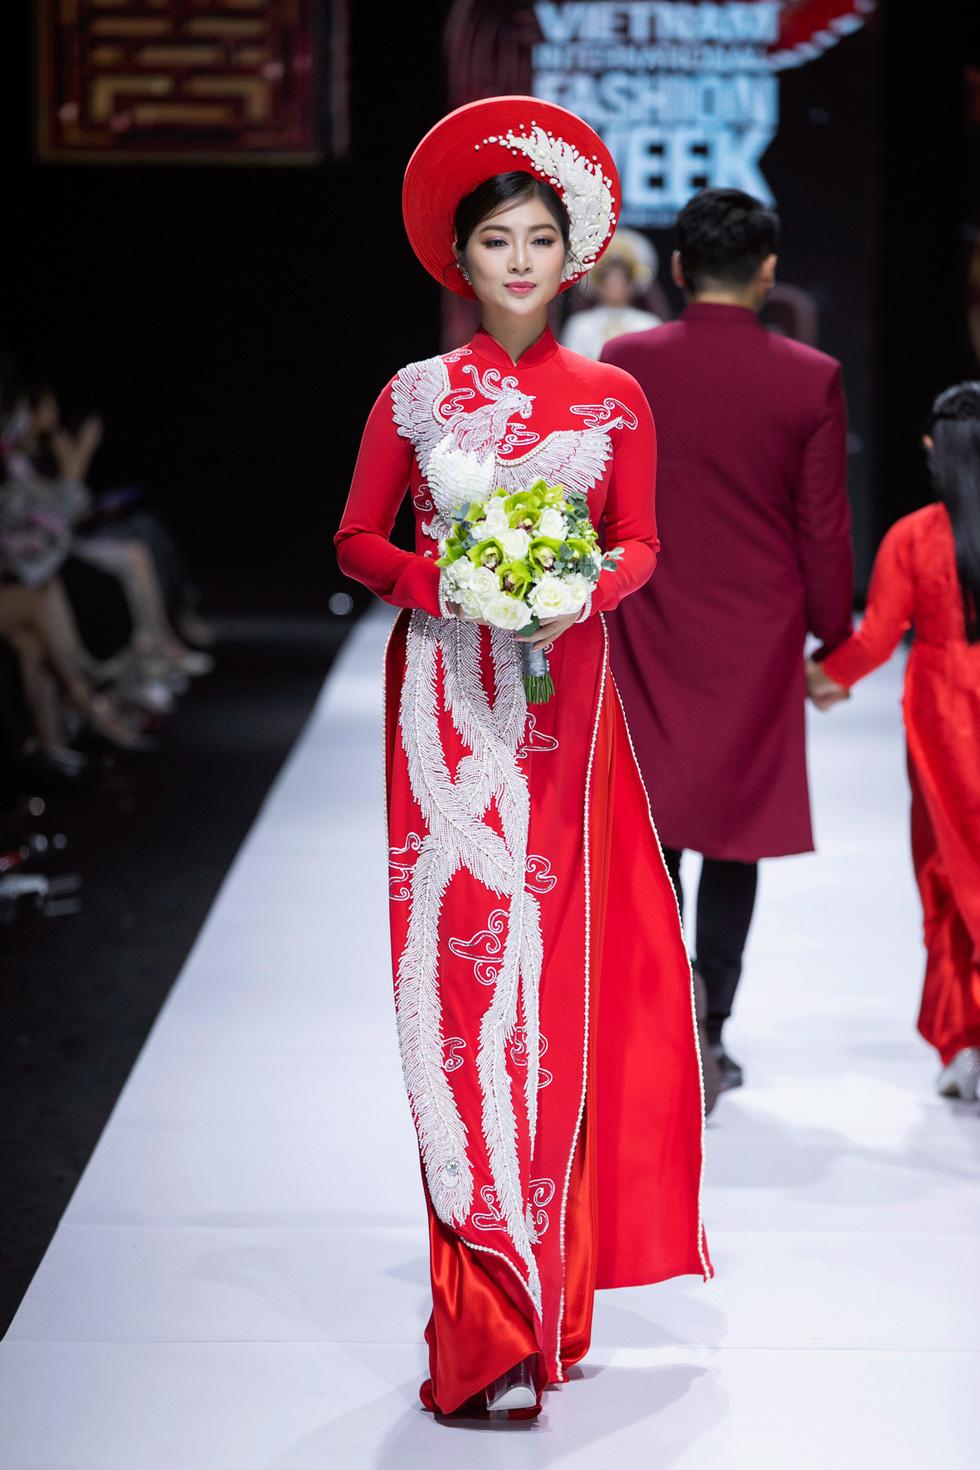 Hoa hậu Khánh Vân làm vedette, NSND Hồng Vân làm người mẫu catwalk cho nhà thiết kế Minh Châu - Ảnh 9.